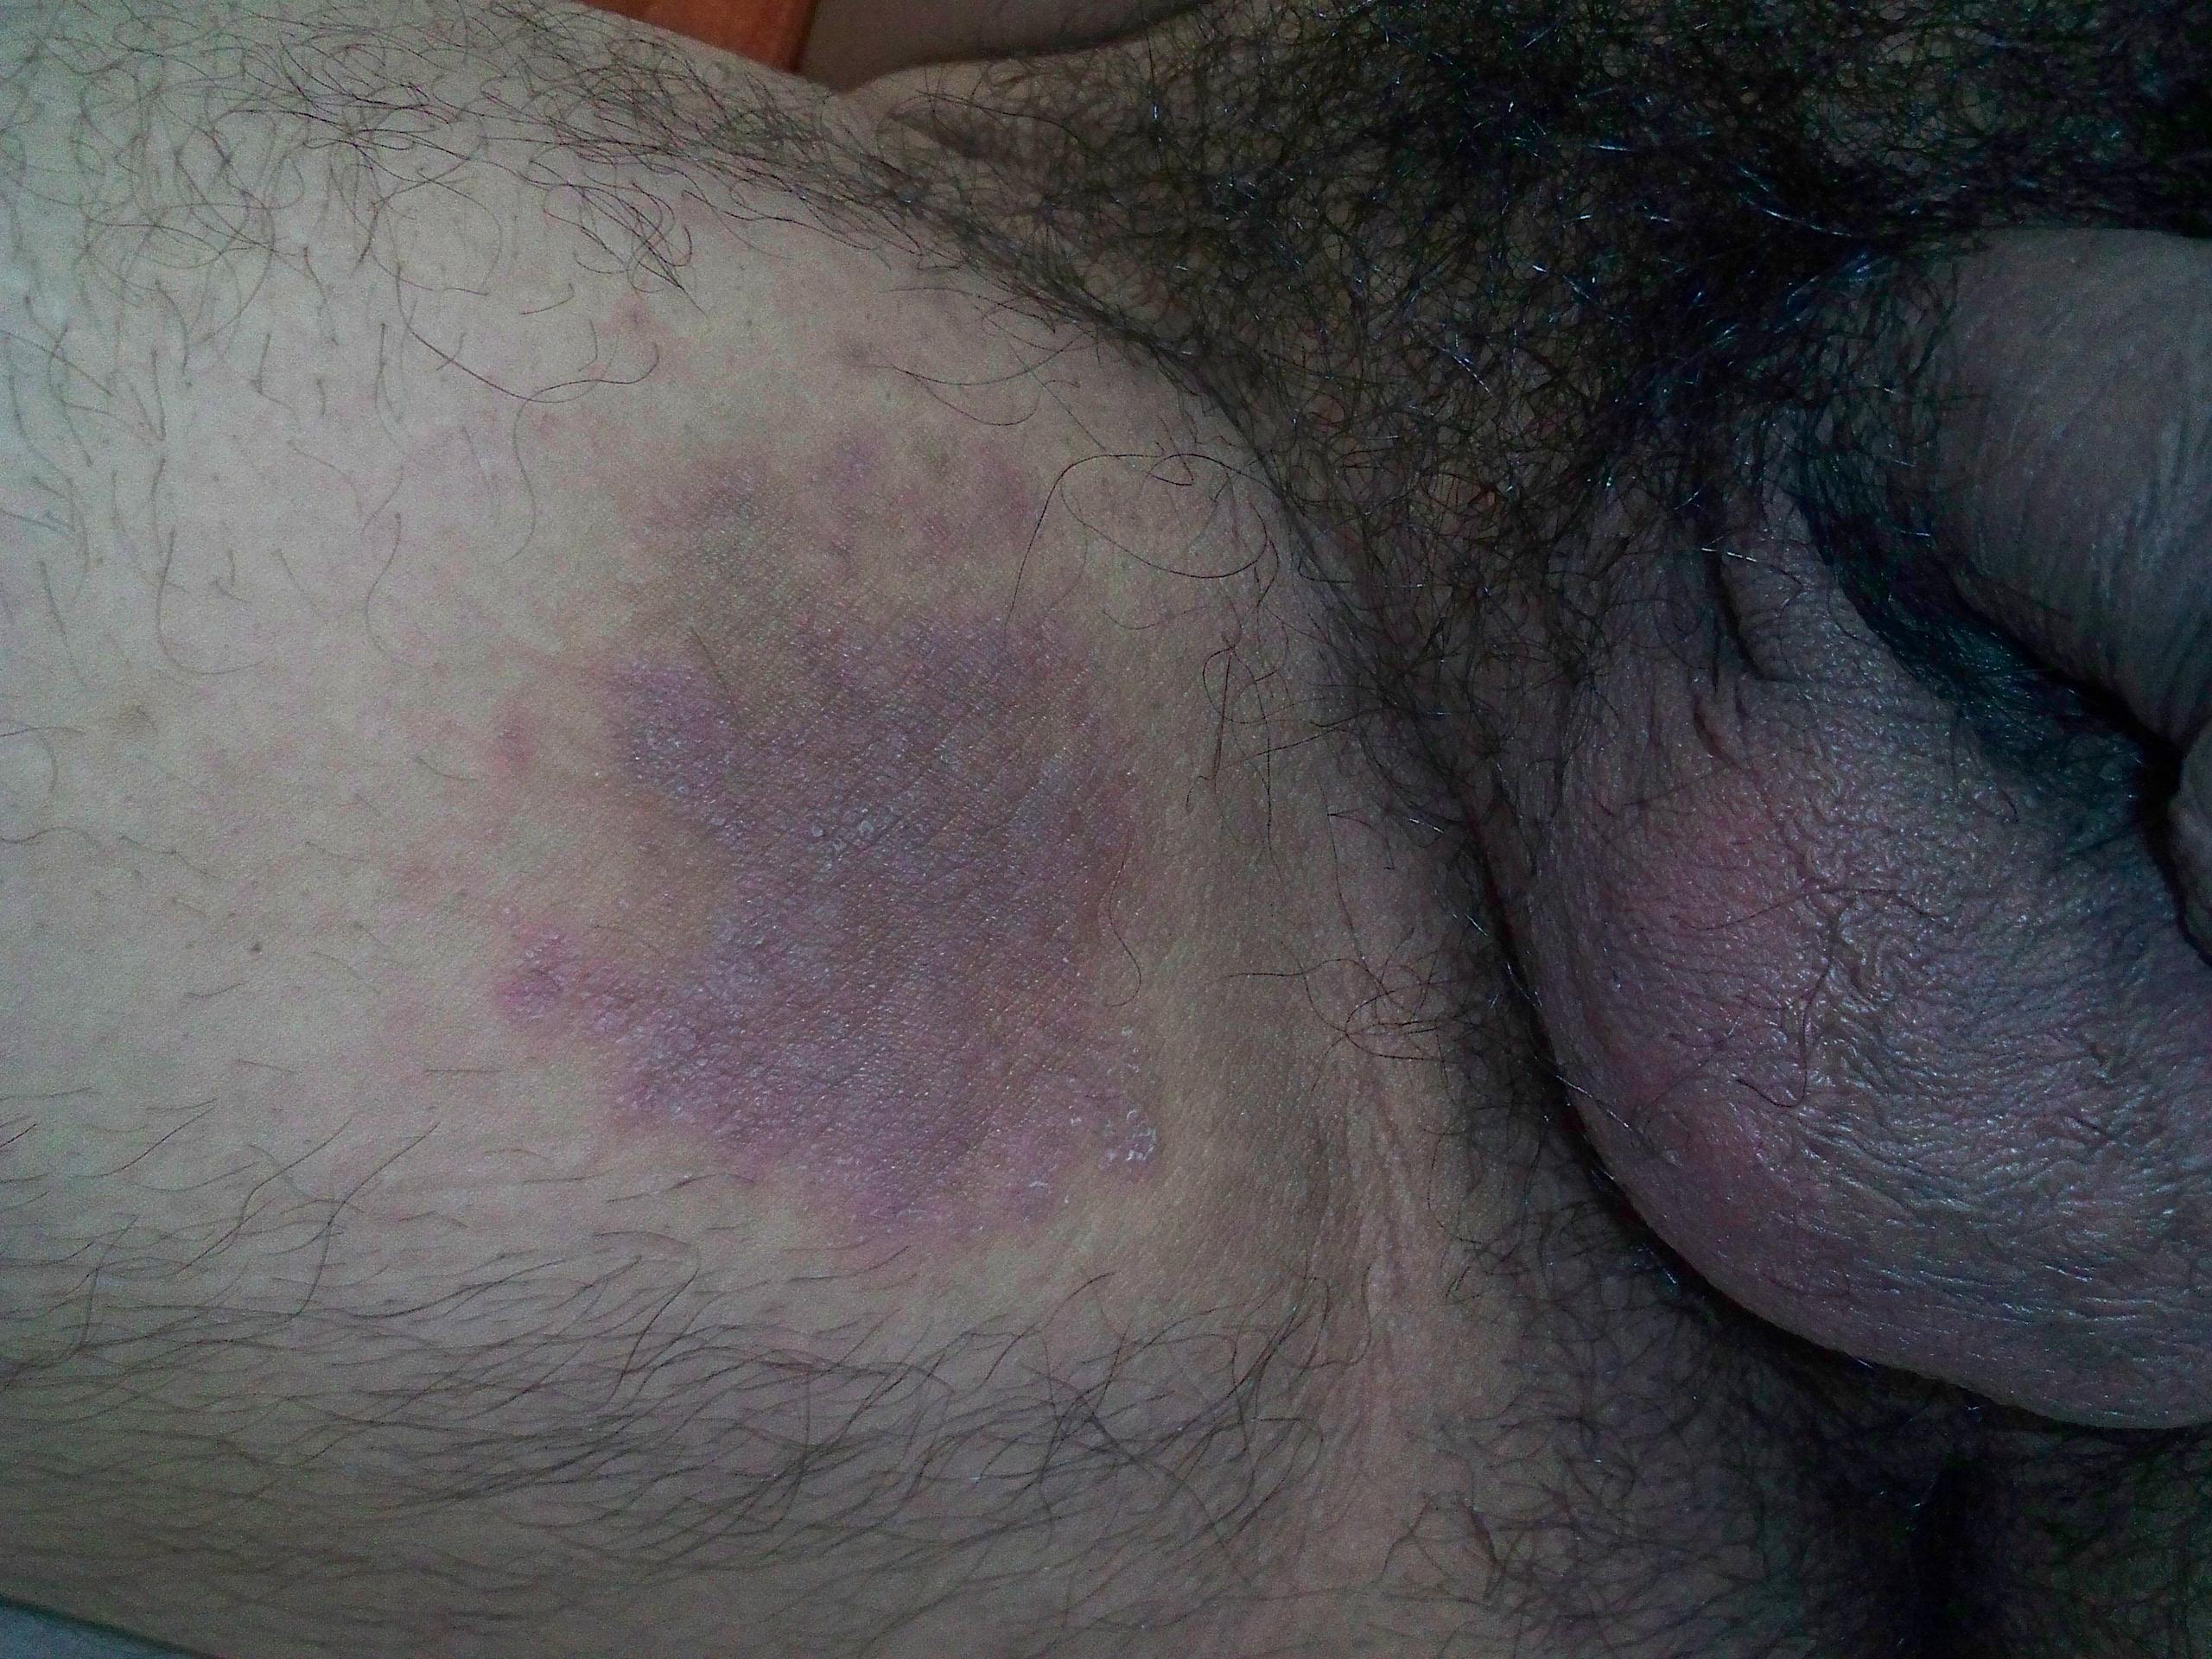 El tratamiento ugrevoy de la eflorescencia sobre la persona el cosmetólogo